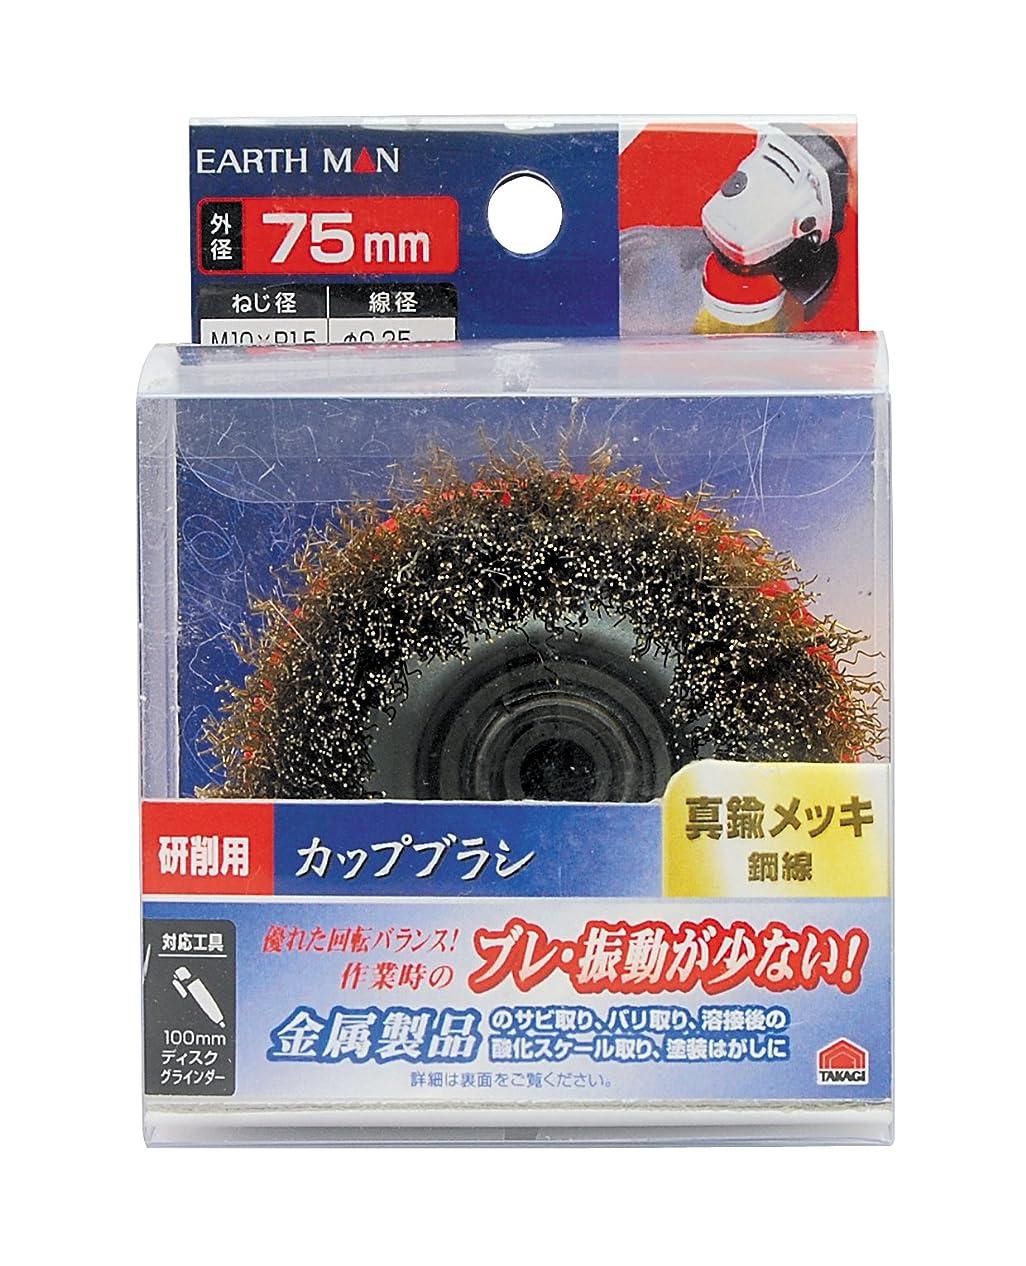 極端なアッティカス欠陥高儀 EARTH MAN 研削用 カップブラシ 真鍮メッキ 75mm 12個入